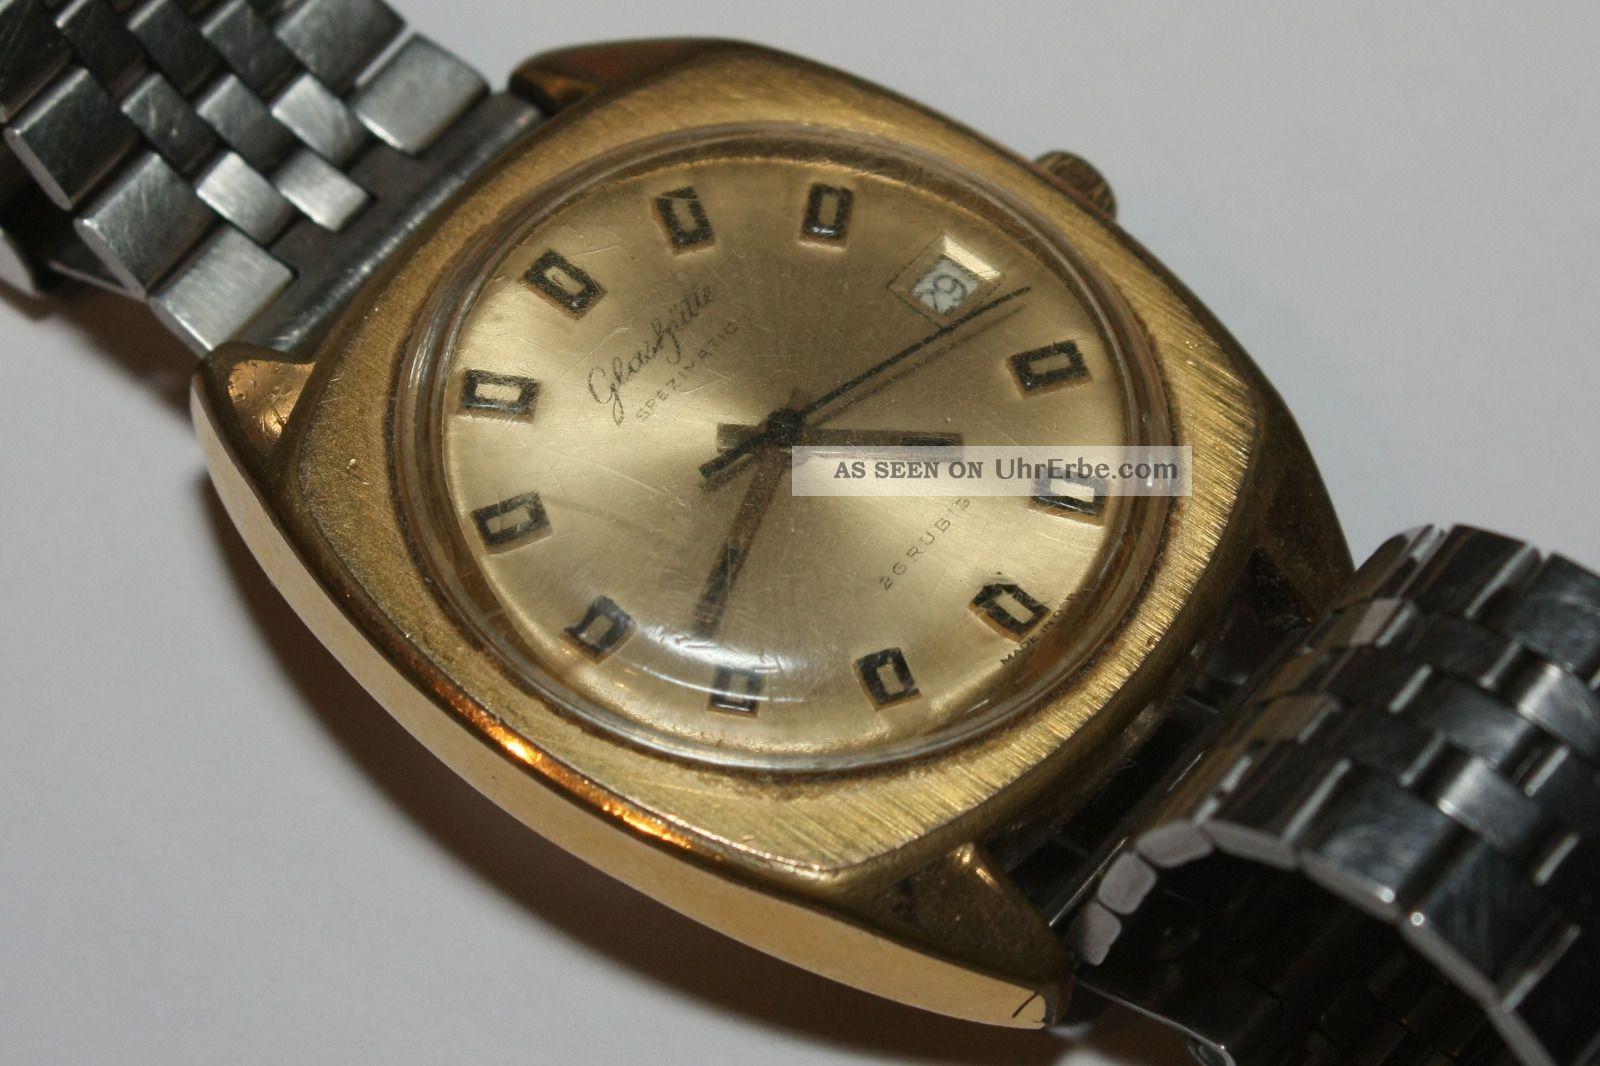 Glashtte Gub Spezimatic Herren Armbanduhr Ddr 1960 70